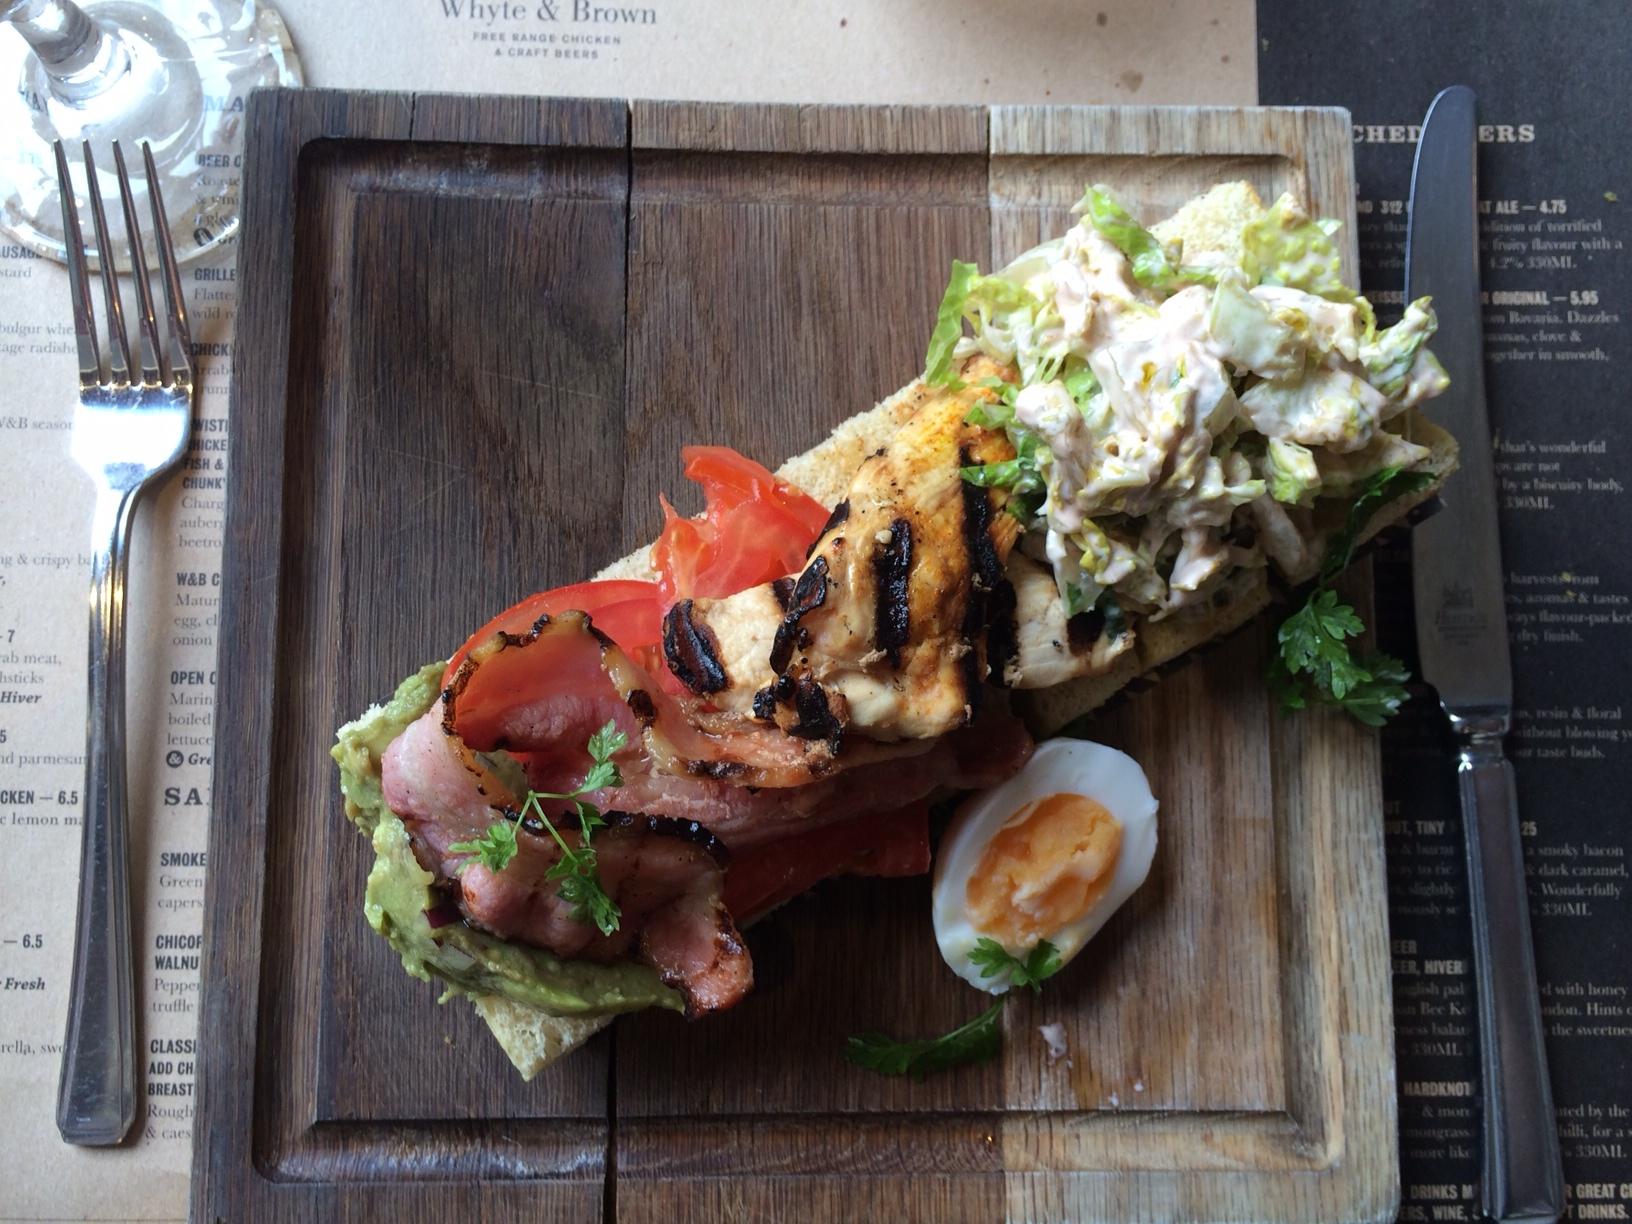 Whyte & Brown - restaurant Soho Londen